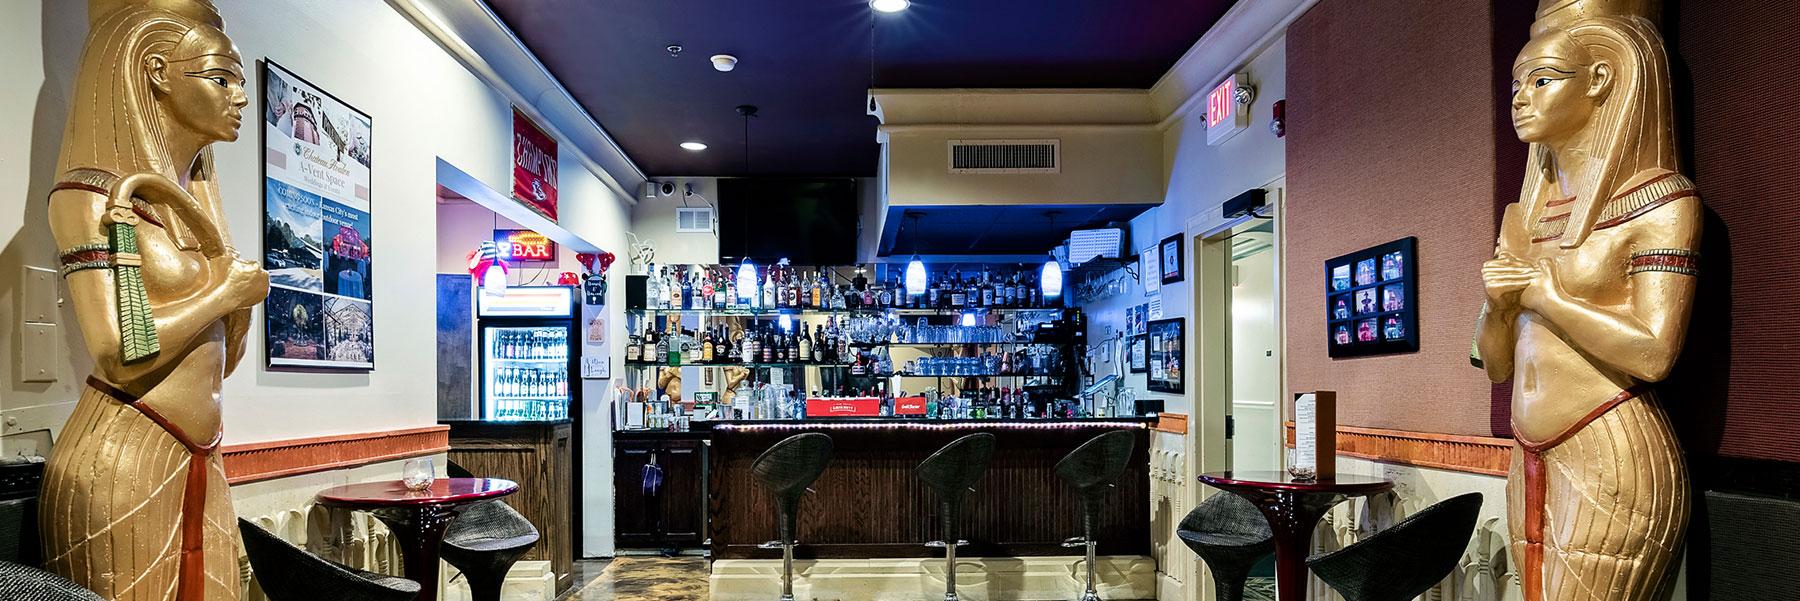 d'Nile Lounge